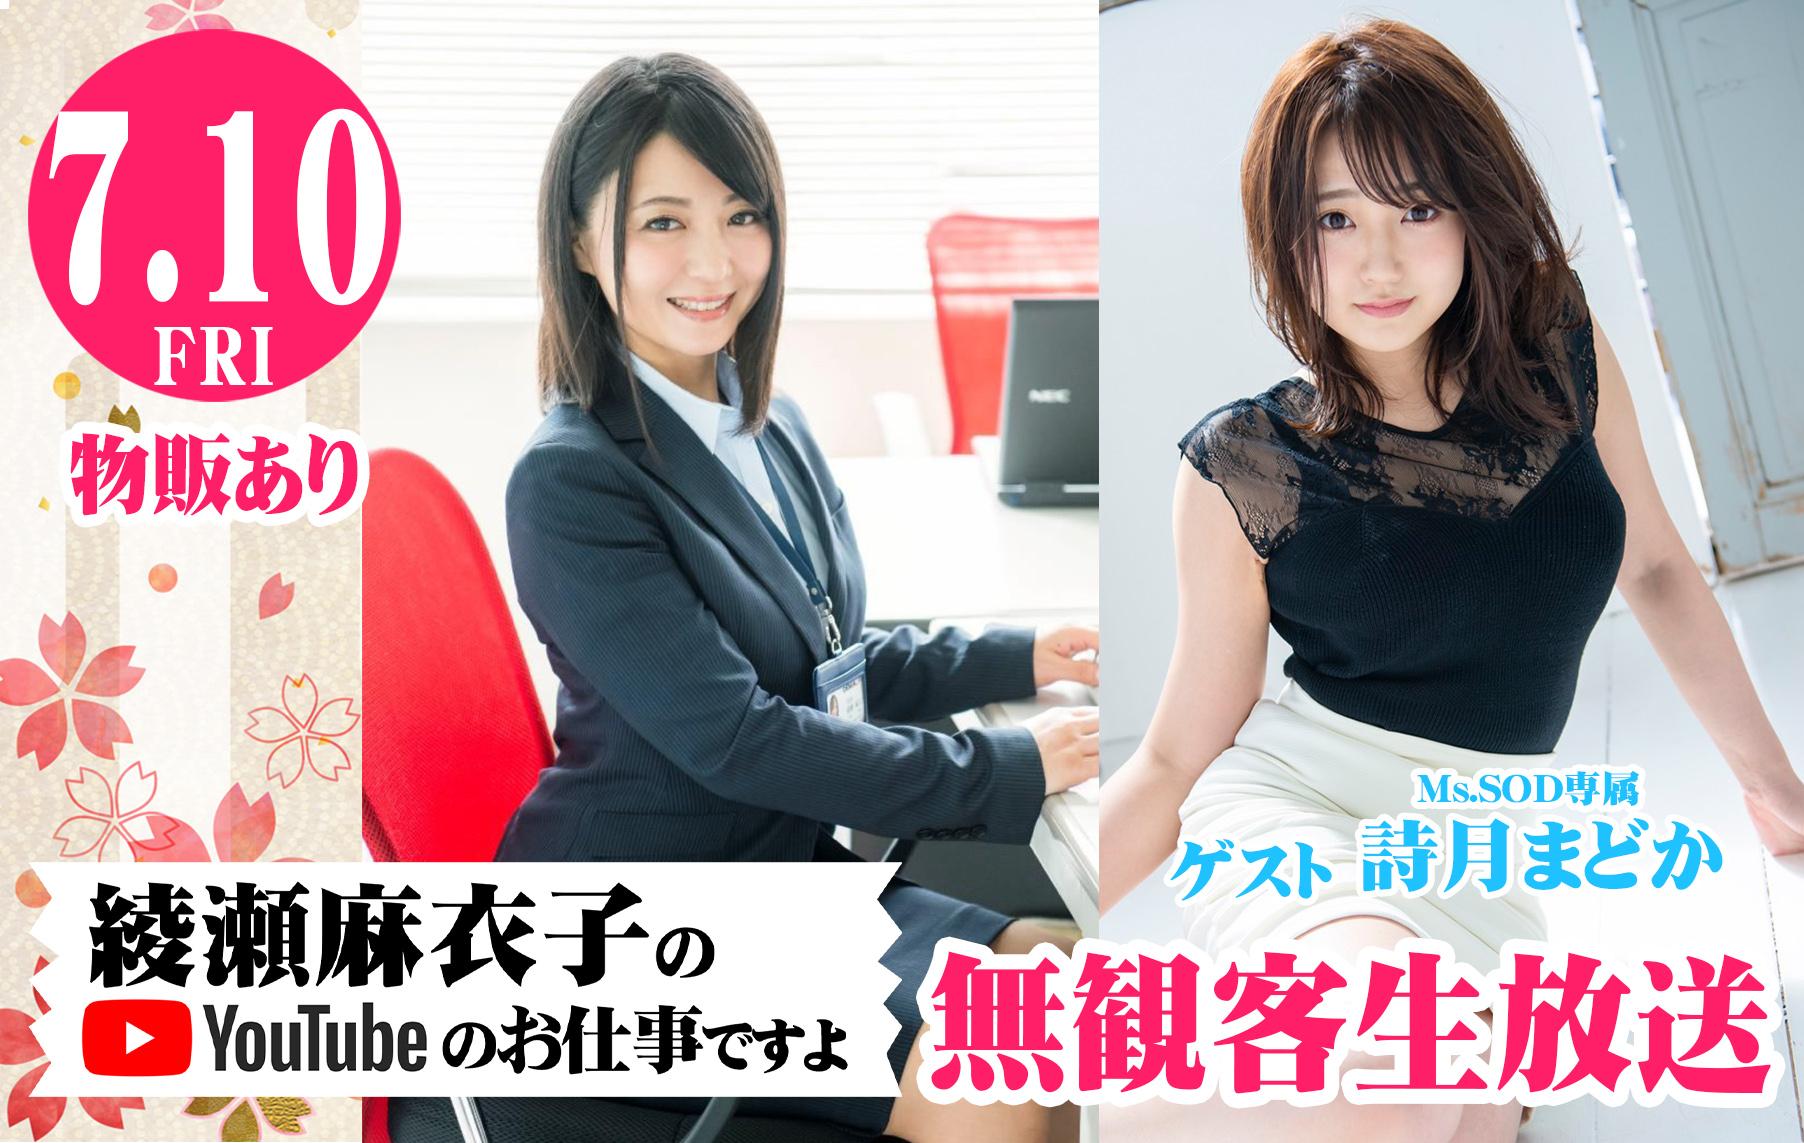 【生放送】綾瀬麻衣子のYouTubeのお仕事ですよ ゲスト詩月まどか【物販あり】